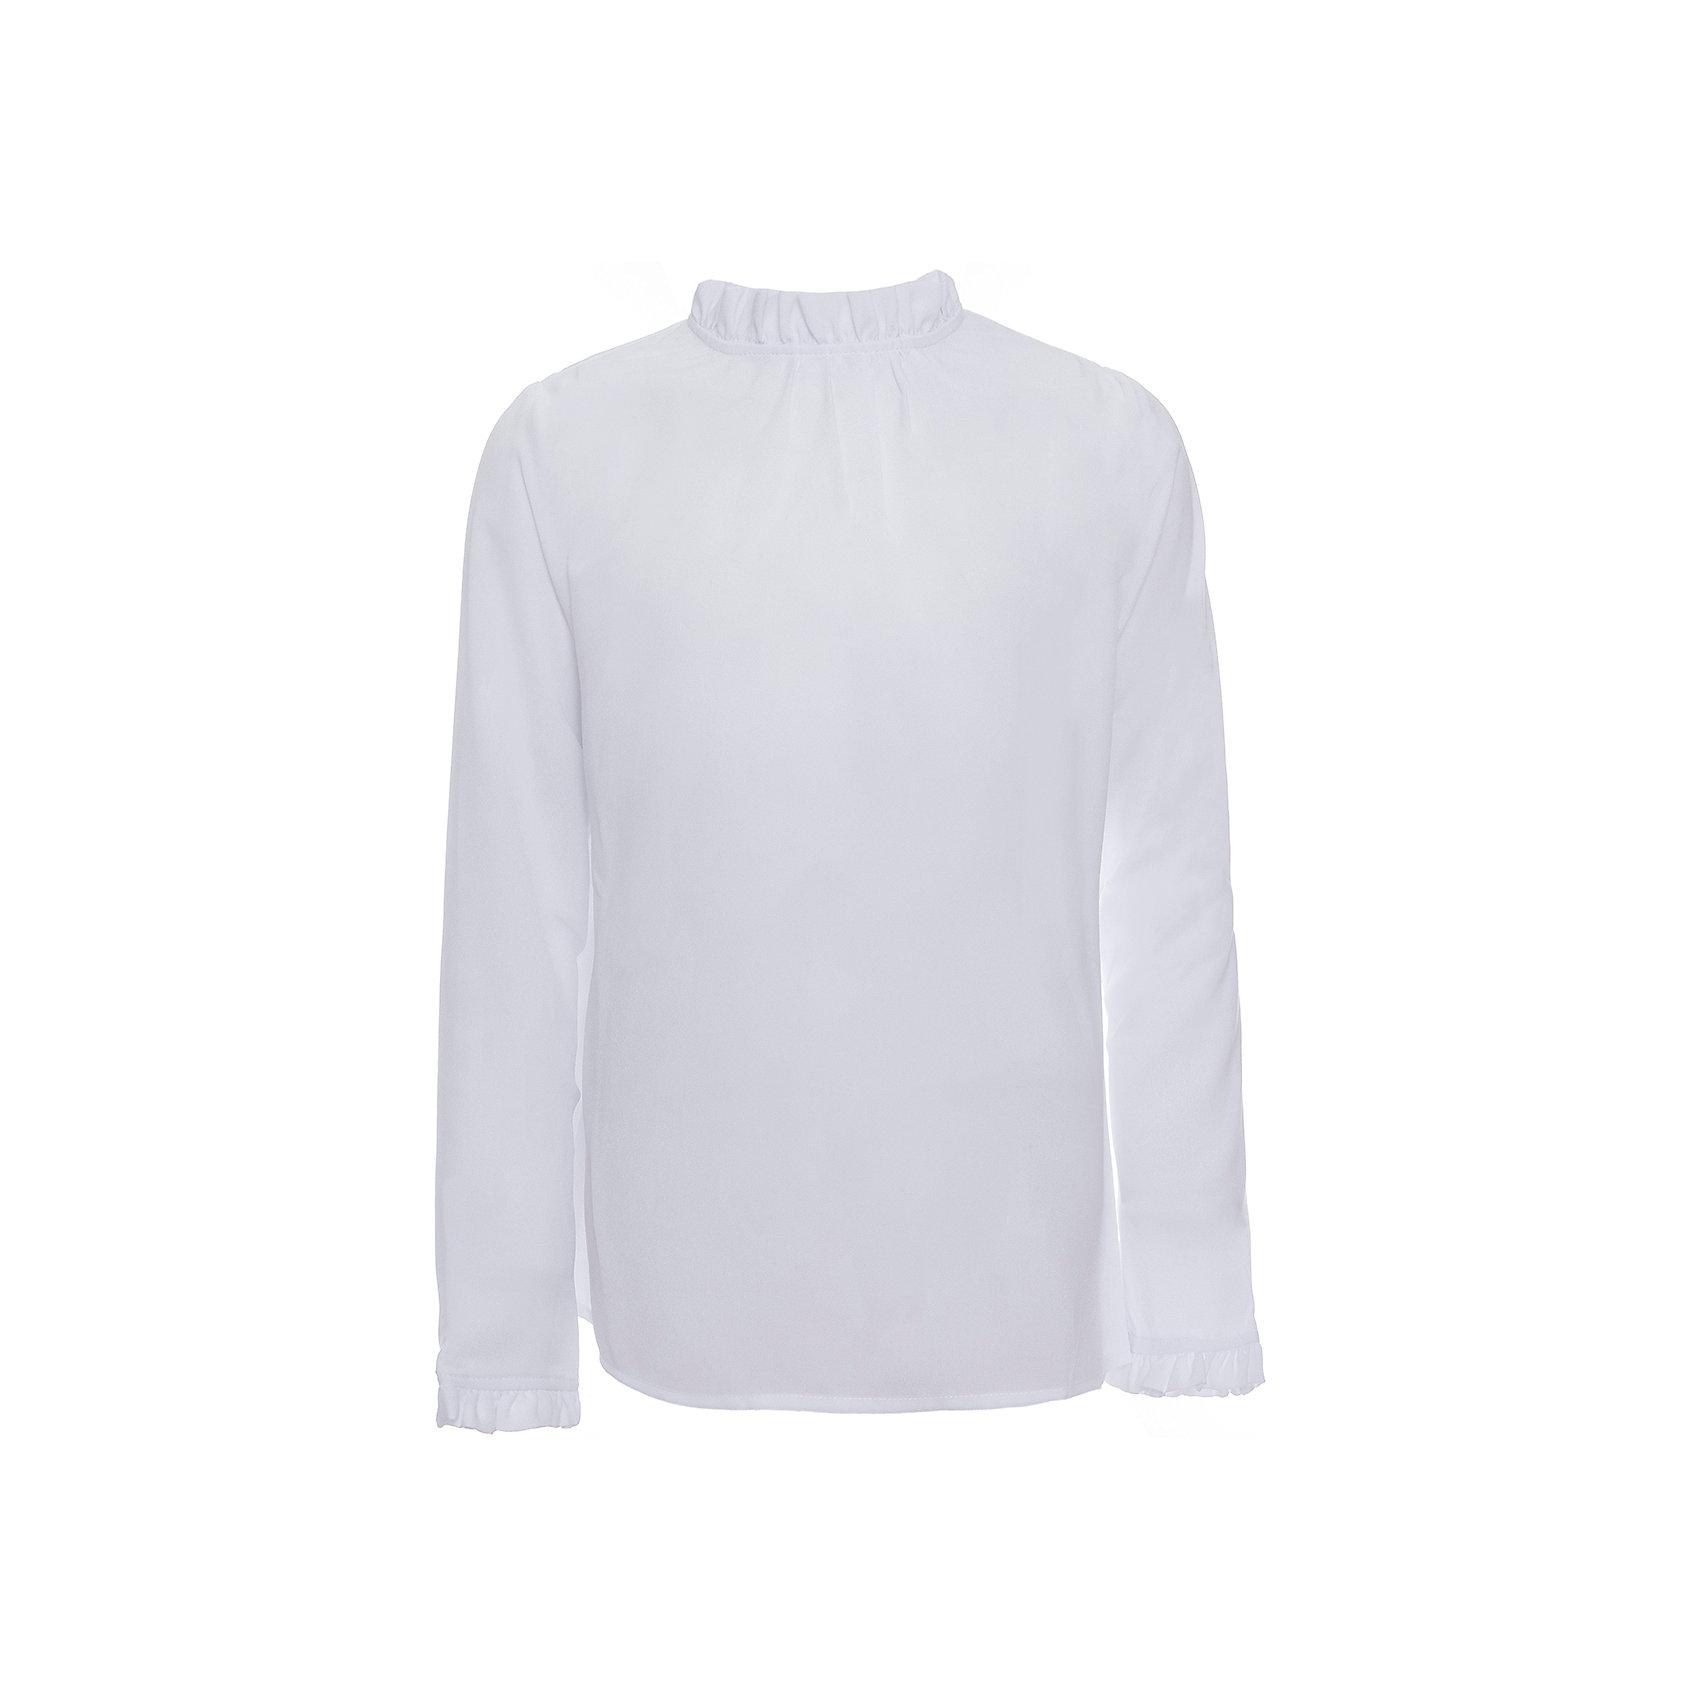 Блузка для девочки OrbyБлузки и рубашки<br>Характеристики товара:<br><br>• цвет: белый<br>• состав ткани:40% вискоза, 60% ПЭ<br>• особенности: школьная, праздничная<br>• длинные рукава<br>• застежка: пуговицы<br>• рюши на воротнике и рукавах<br>• сезон: круглый год<br>• страна бренда: Россия<br>• страна изготовитель: Россия<br><br>Белая блузка для девочки Orby - базовая вещь гардероба. Такая блузка - отличный вариант практичной и стильной школьной одежды. <br><br>Школьная блузка из белого легкого материала поможет ребенку выглядеть стильно и соответствовать школьному дресс-коду.<br><br>Блузку для девочки Orby (Орби) можно купить в нашем интернет-магазине.<br><br>Ширина мм: 186<br>Глубина мм: 87<br>Высота мм: 198<br>Вес г: 197<br>Цвет: белый<br>Возраст от месяцев: 168<br>Возраст до месяцев: 180<br>Пол: Женский<br>Возраст: Детский<br>Размер: 170,140,122,128,134,146,152,158,164<br>SKU: 6960258